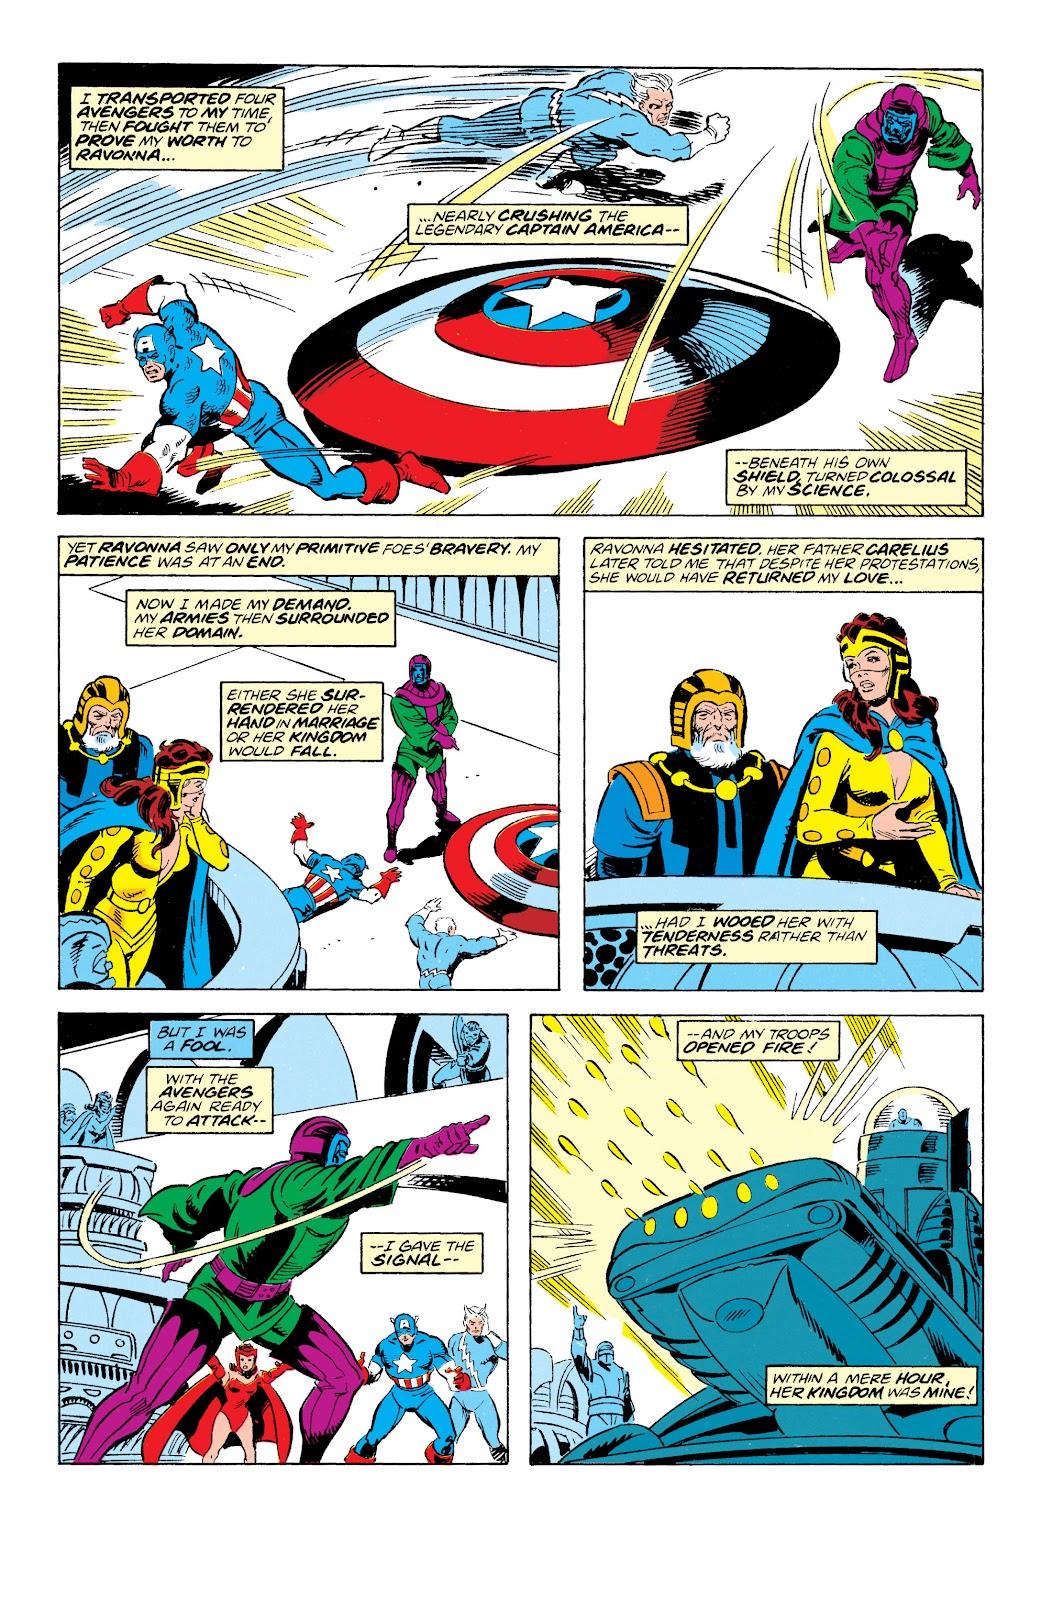 Read online Avengers: Citizen Kang comic -  Issue # TPB (Part 2) - 7